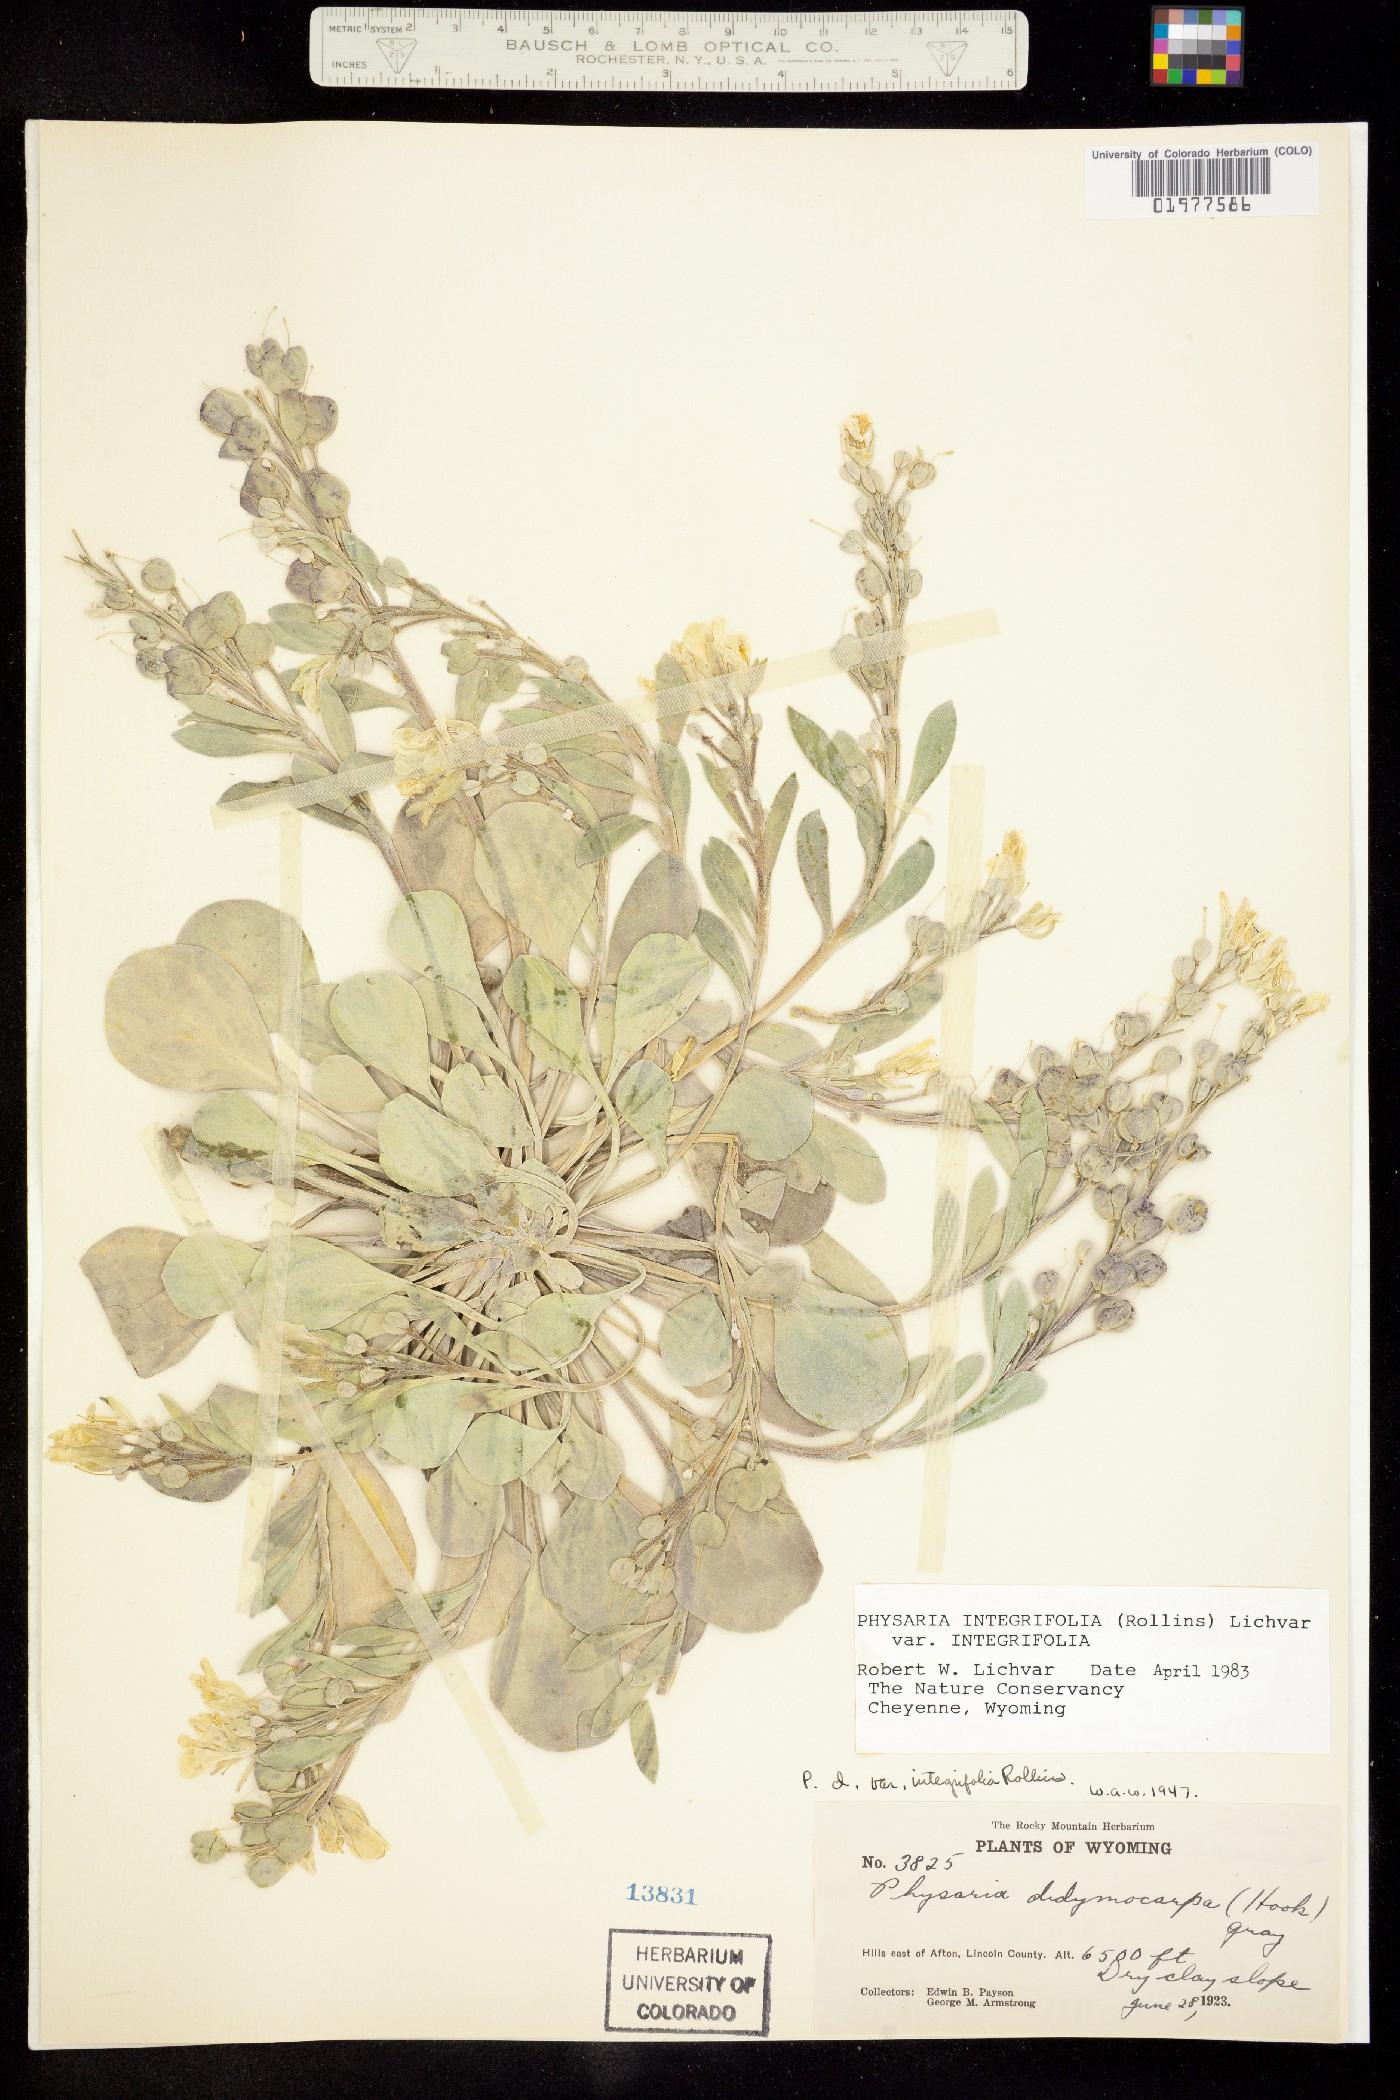 Physaria integrifolia image